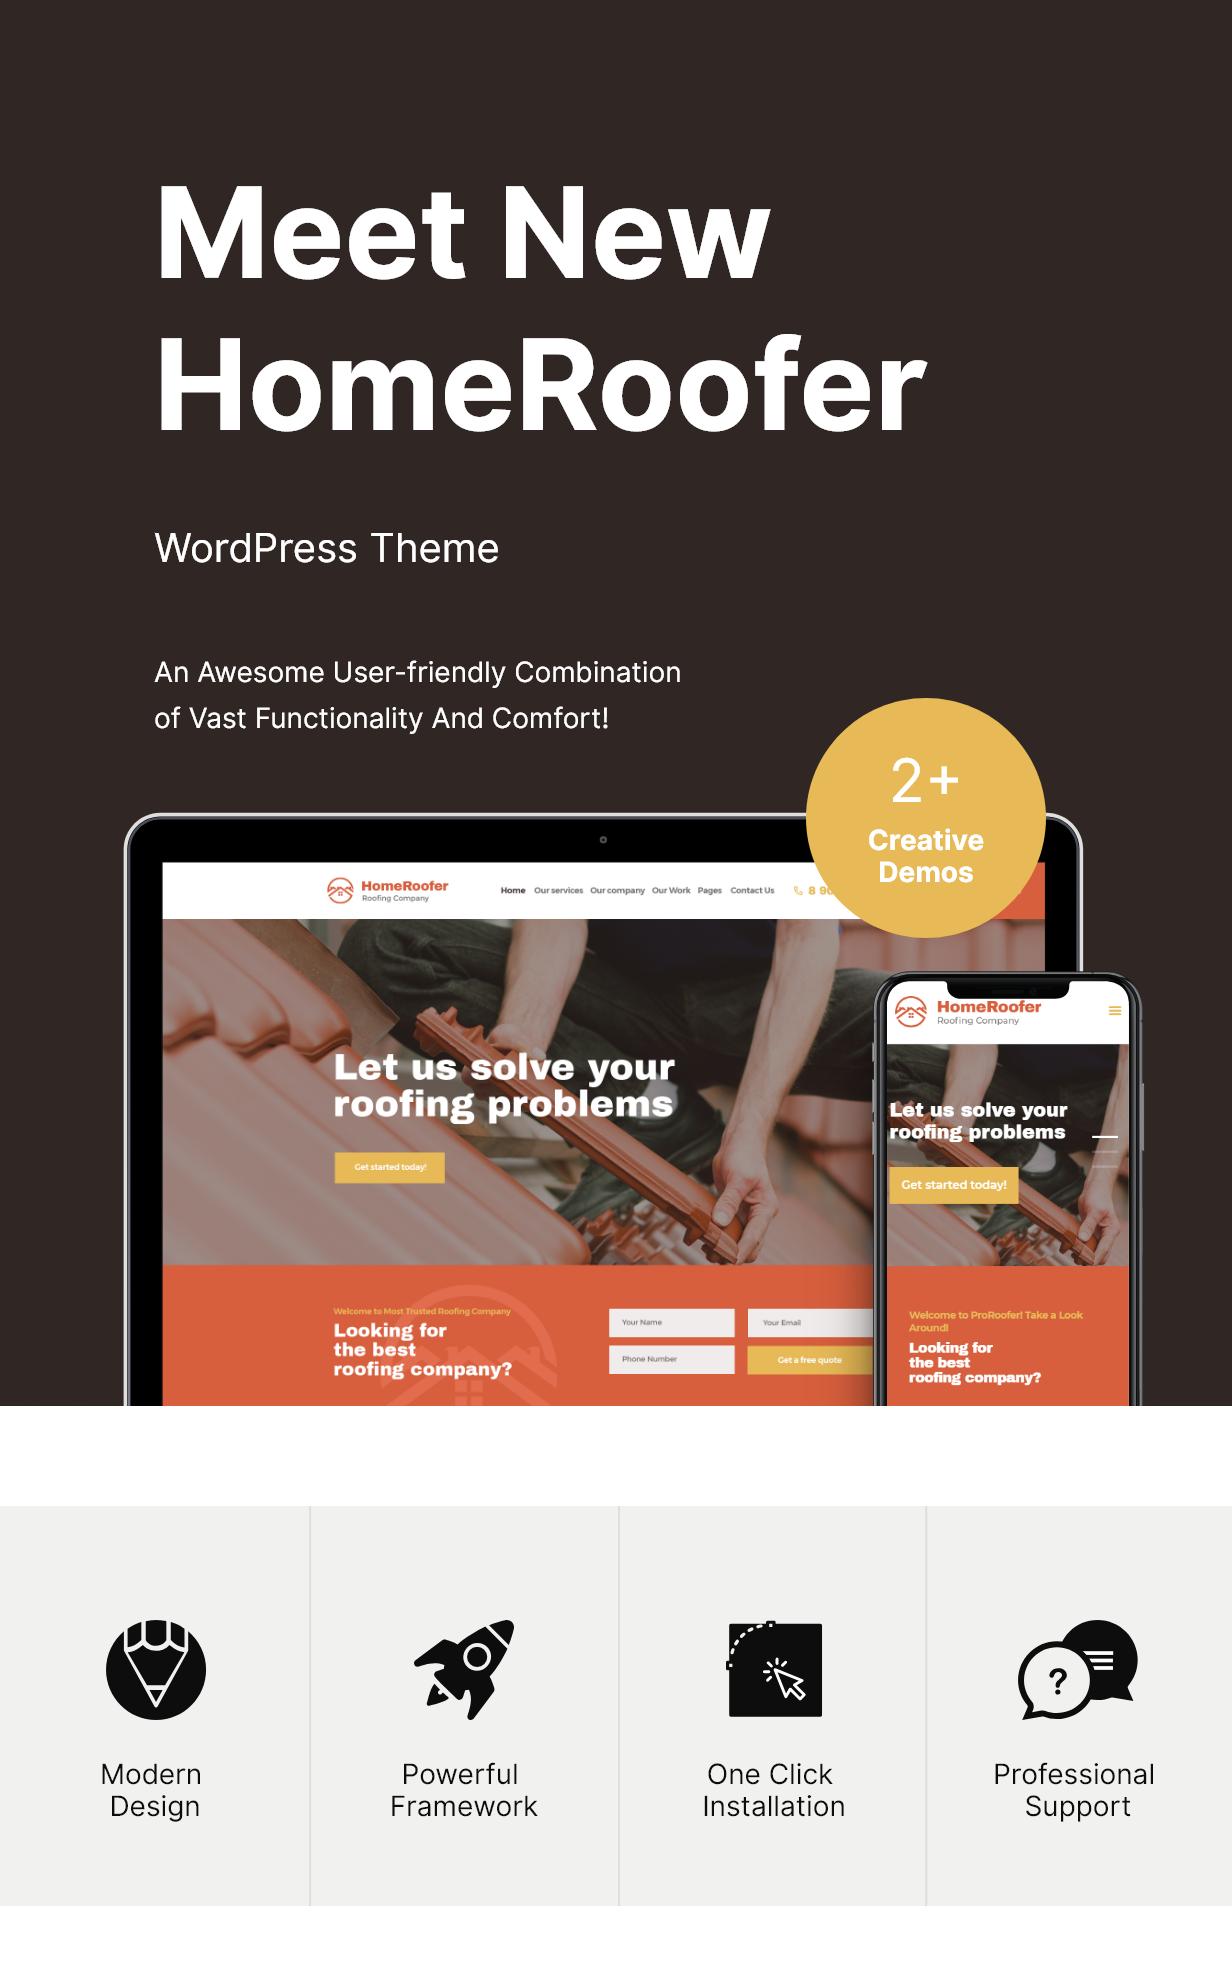 Dachdecker Dienstleistungen & Konstruktion WordPress Theme Features